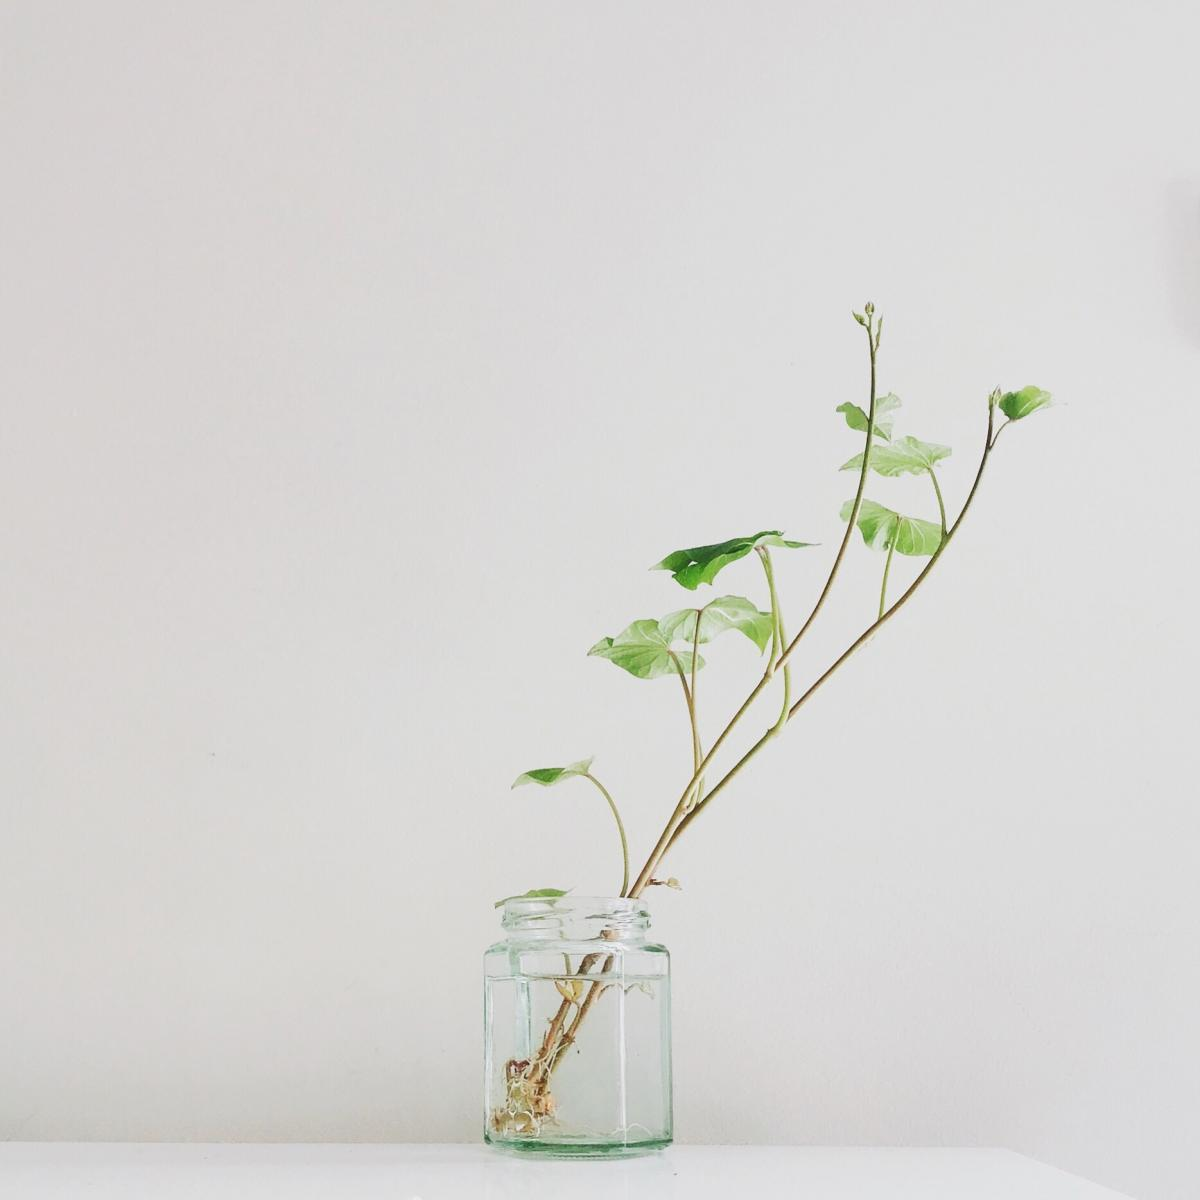 Plant Leaf Seedling